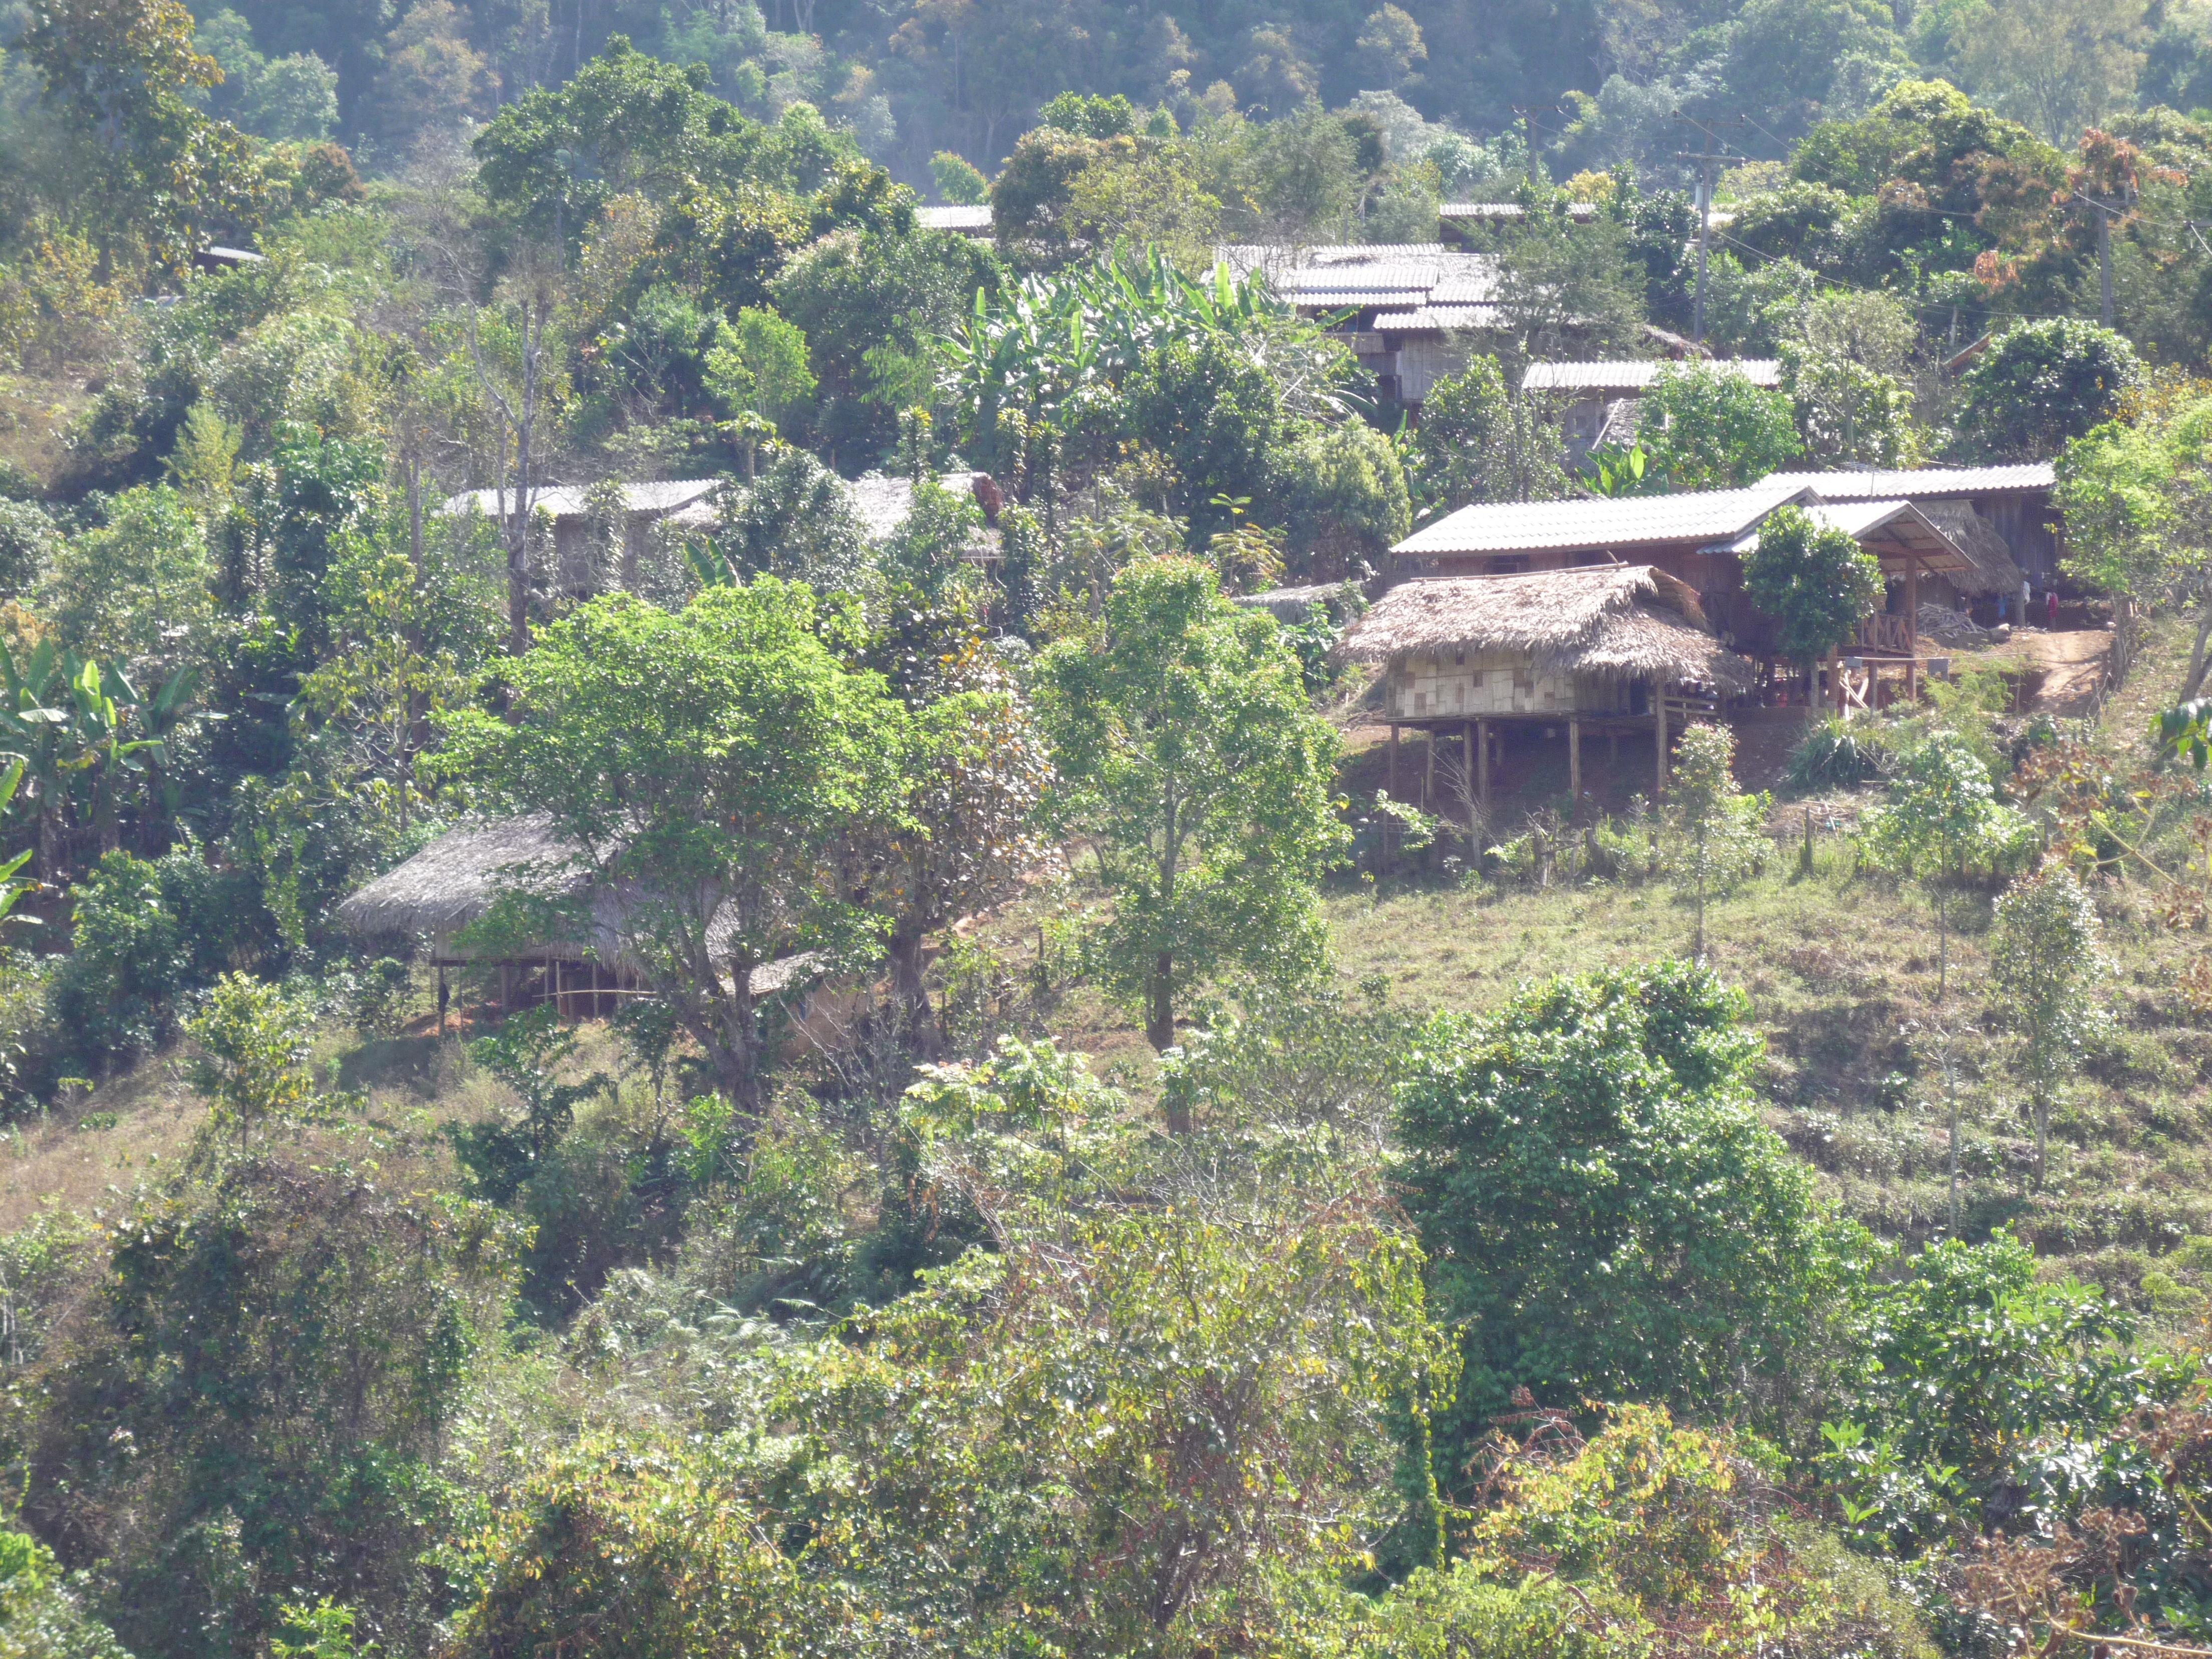 Omgeving van het dorpje